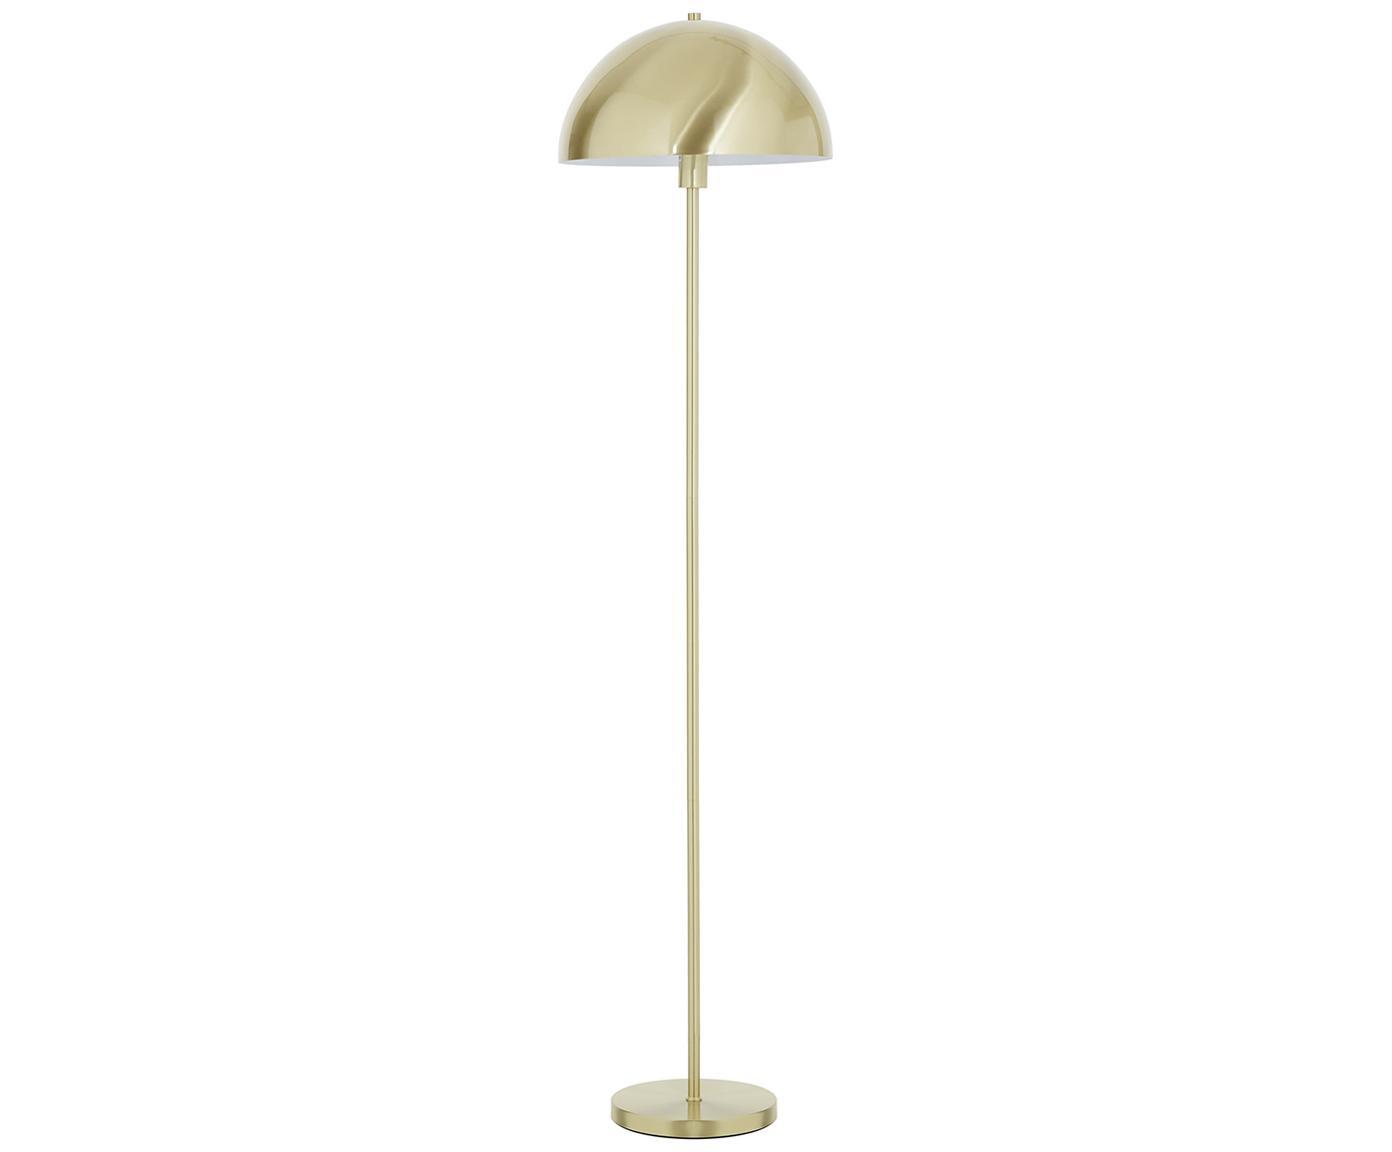 Stehlampe Matilda, Lampenschirm: Metall, gebürstet, Lampenfuß: Metall, vermessingt, Messingfarben, Ø 40 x H 164 cm